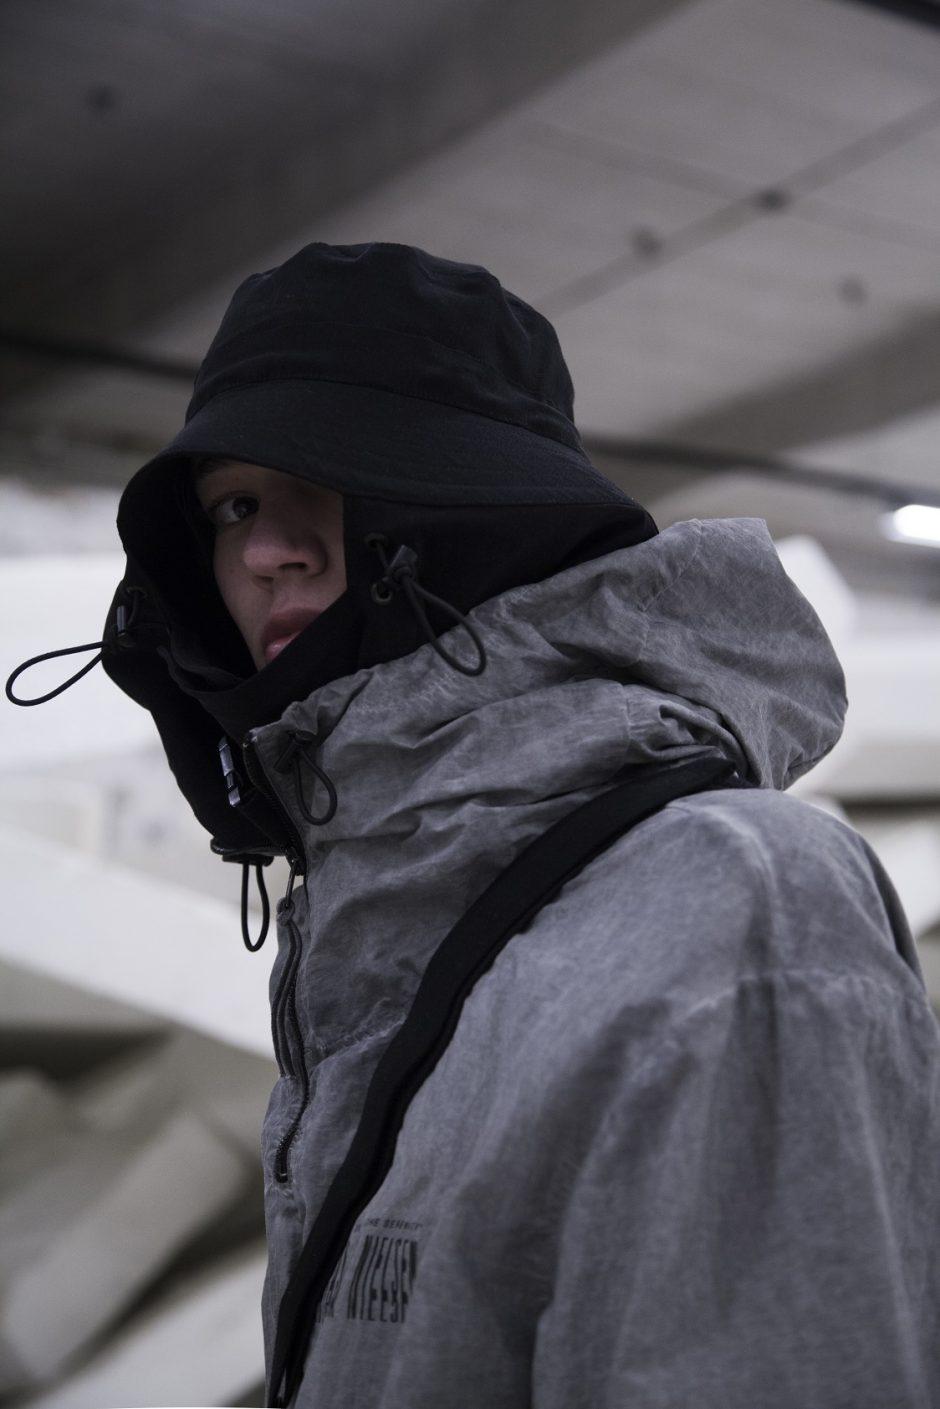 Winter 2020 Smc.Mados Infekcija Ateina Metas Blizginti Batus Diena Lt